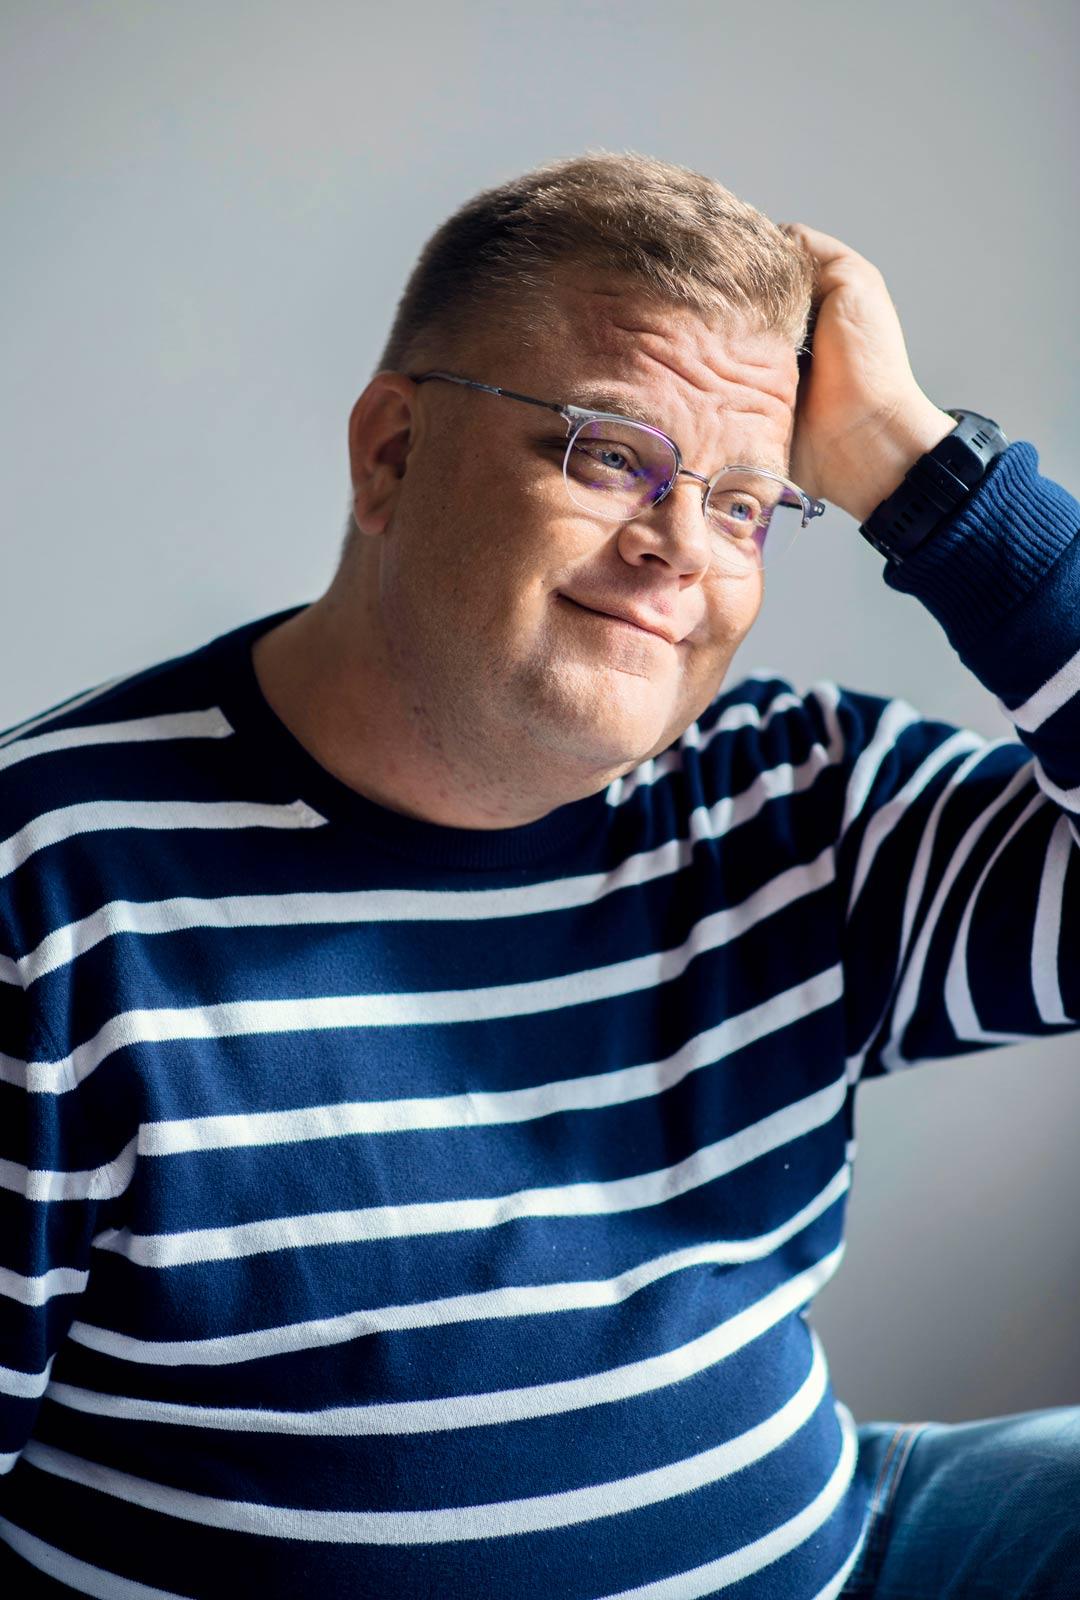 Biologisen isän mysteeri vaivasi Anttia kymmeniä vuosia. Lopulta vastaus selvisi DNA-testin avulla.